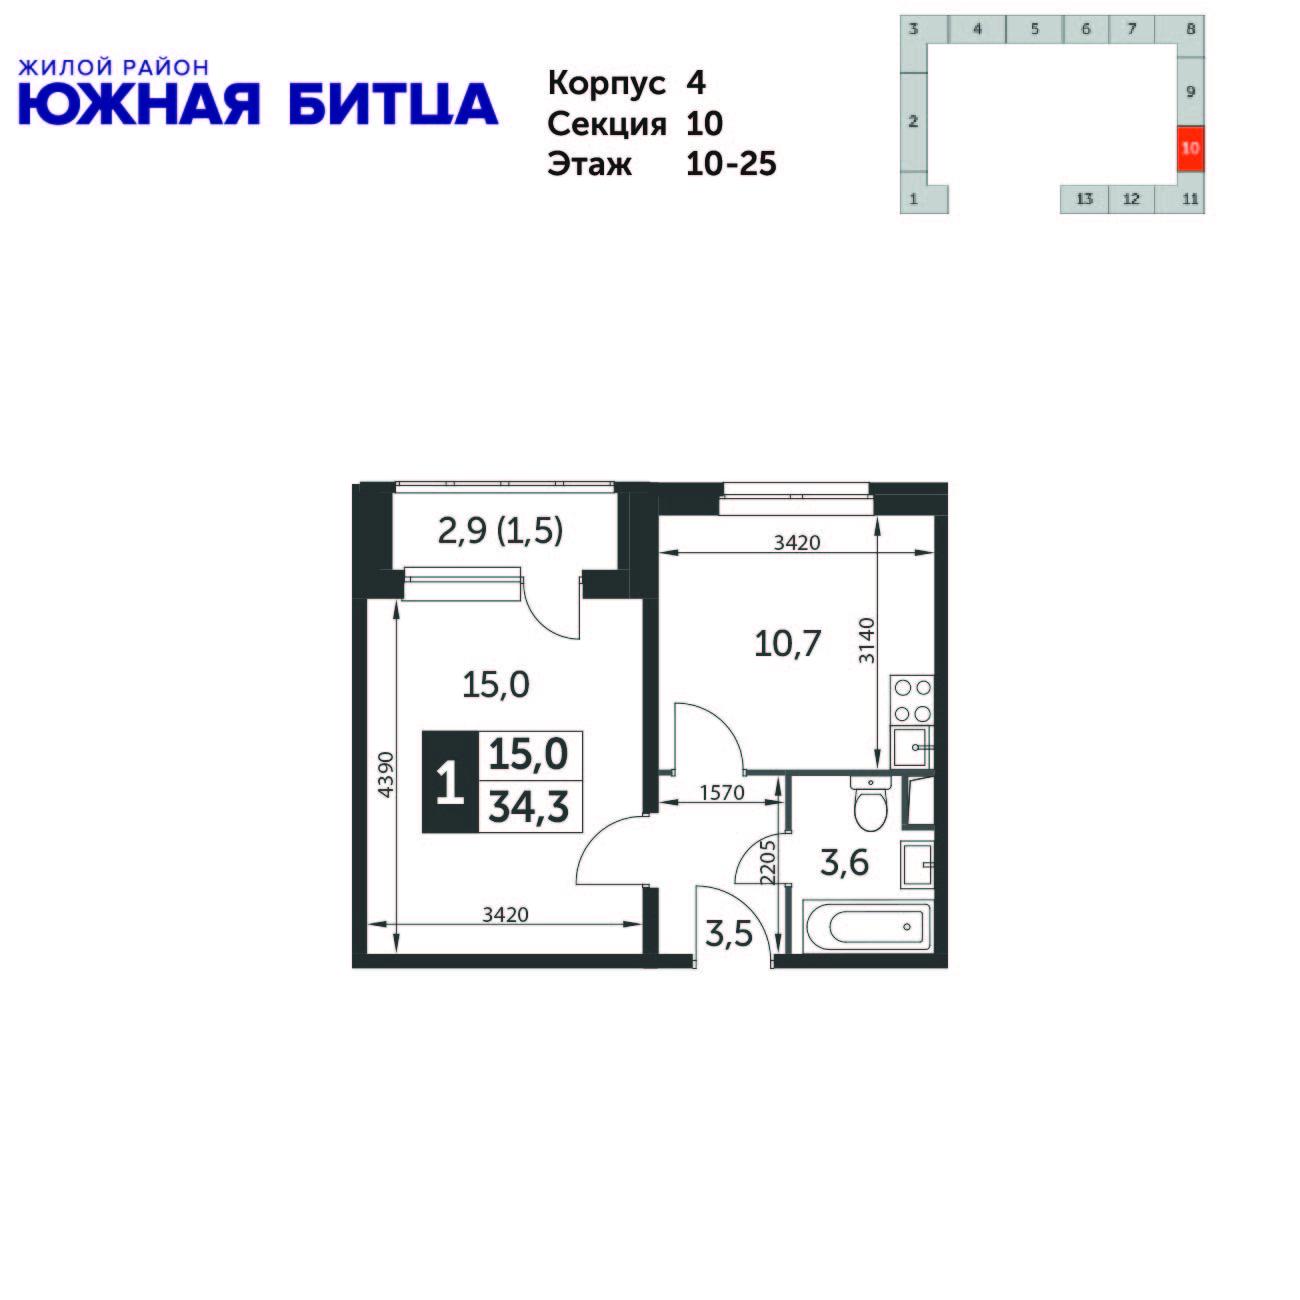 1-комнатная квартира, 34.3м² за 6,2 млн руб.